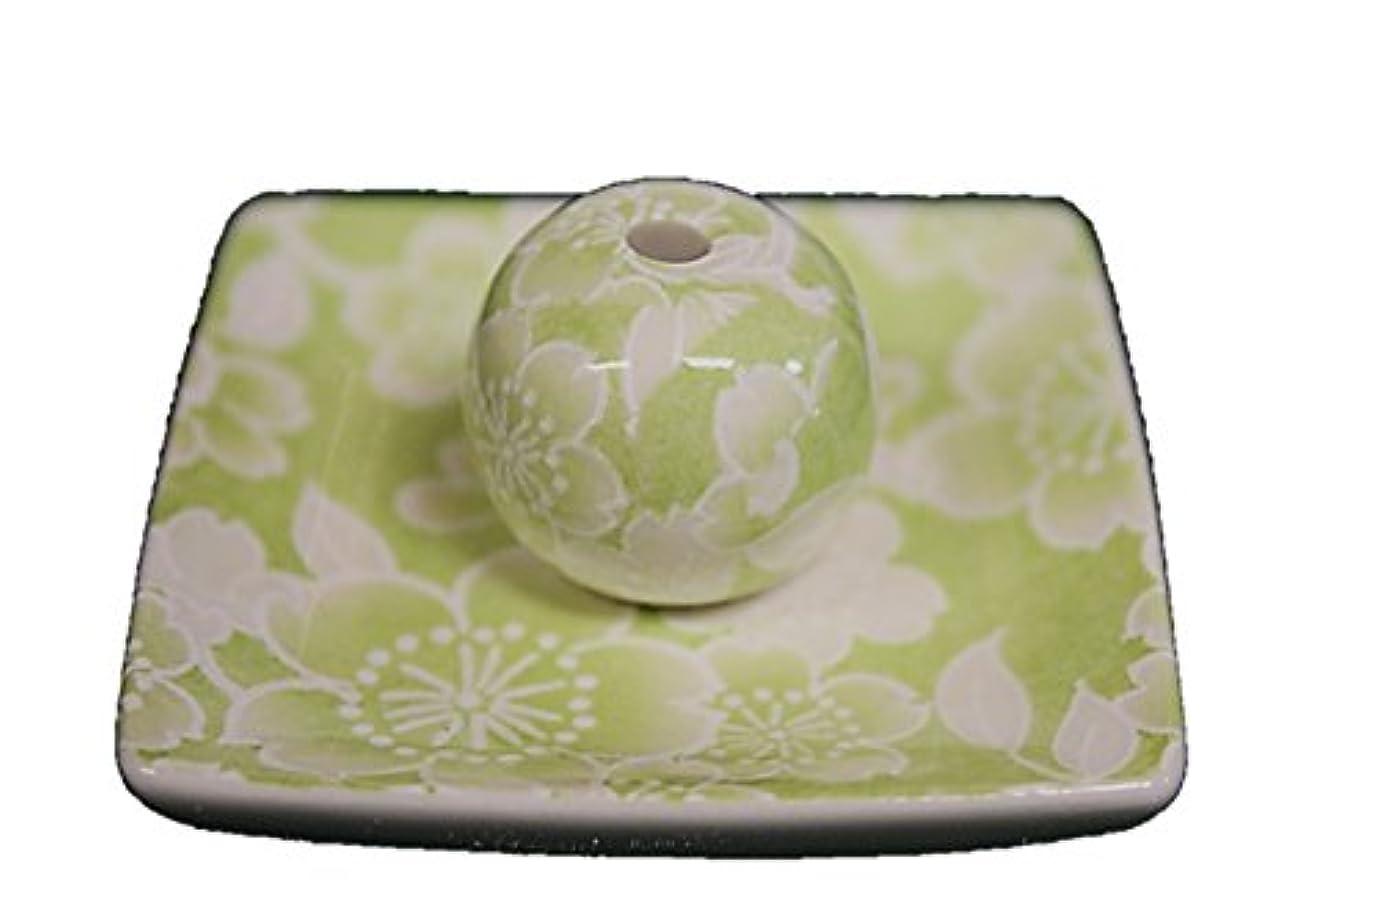 ディンカルビルなに目覚める桜友禅 (緑) 小角皿 お香立て 陶器 ACSWEBSHOPオリジナル